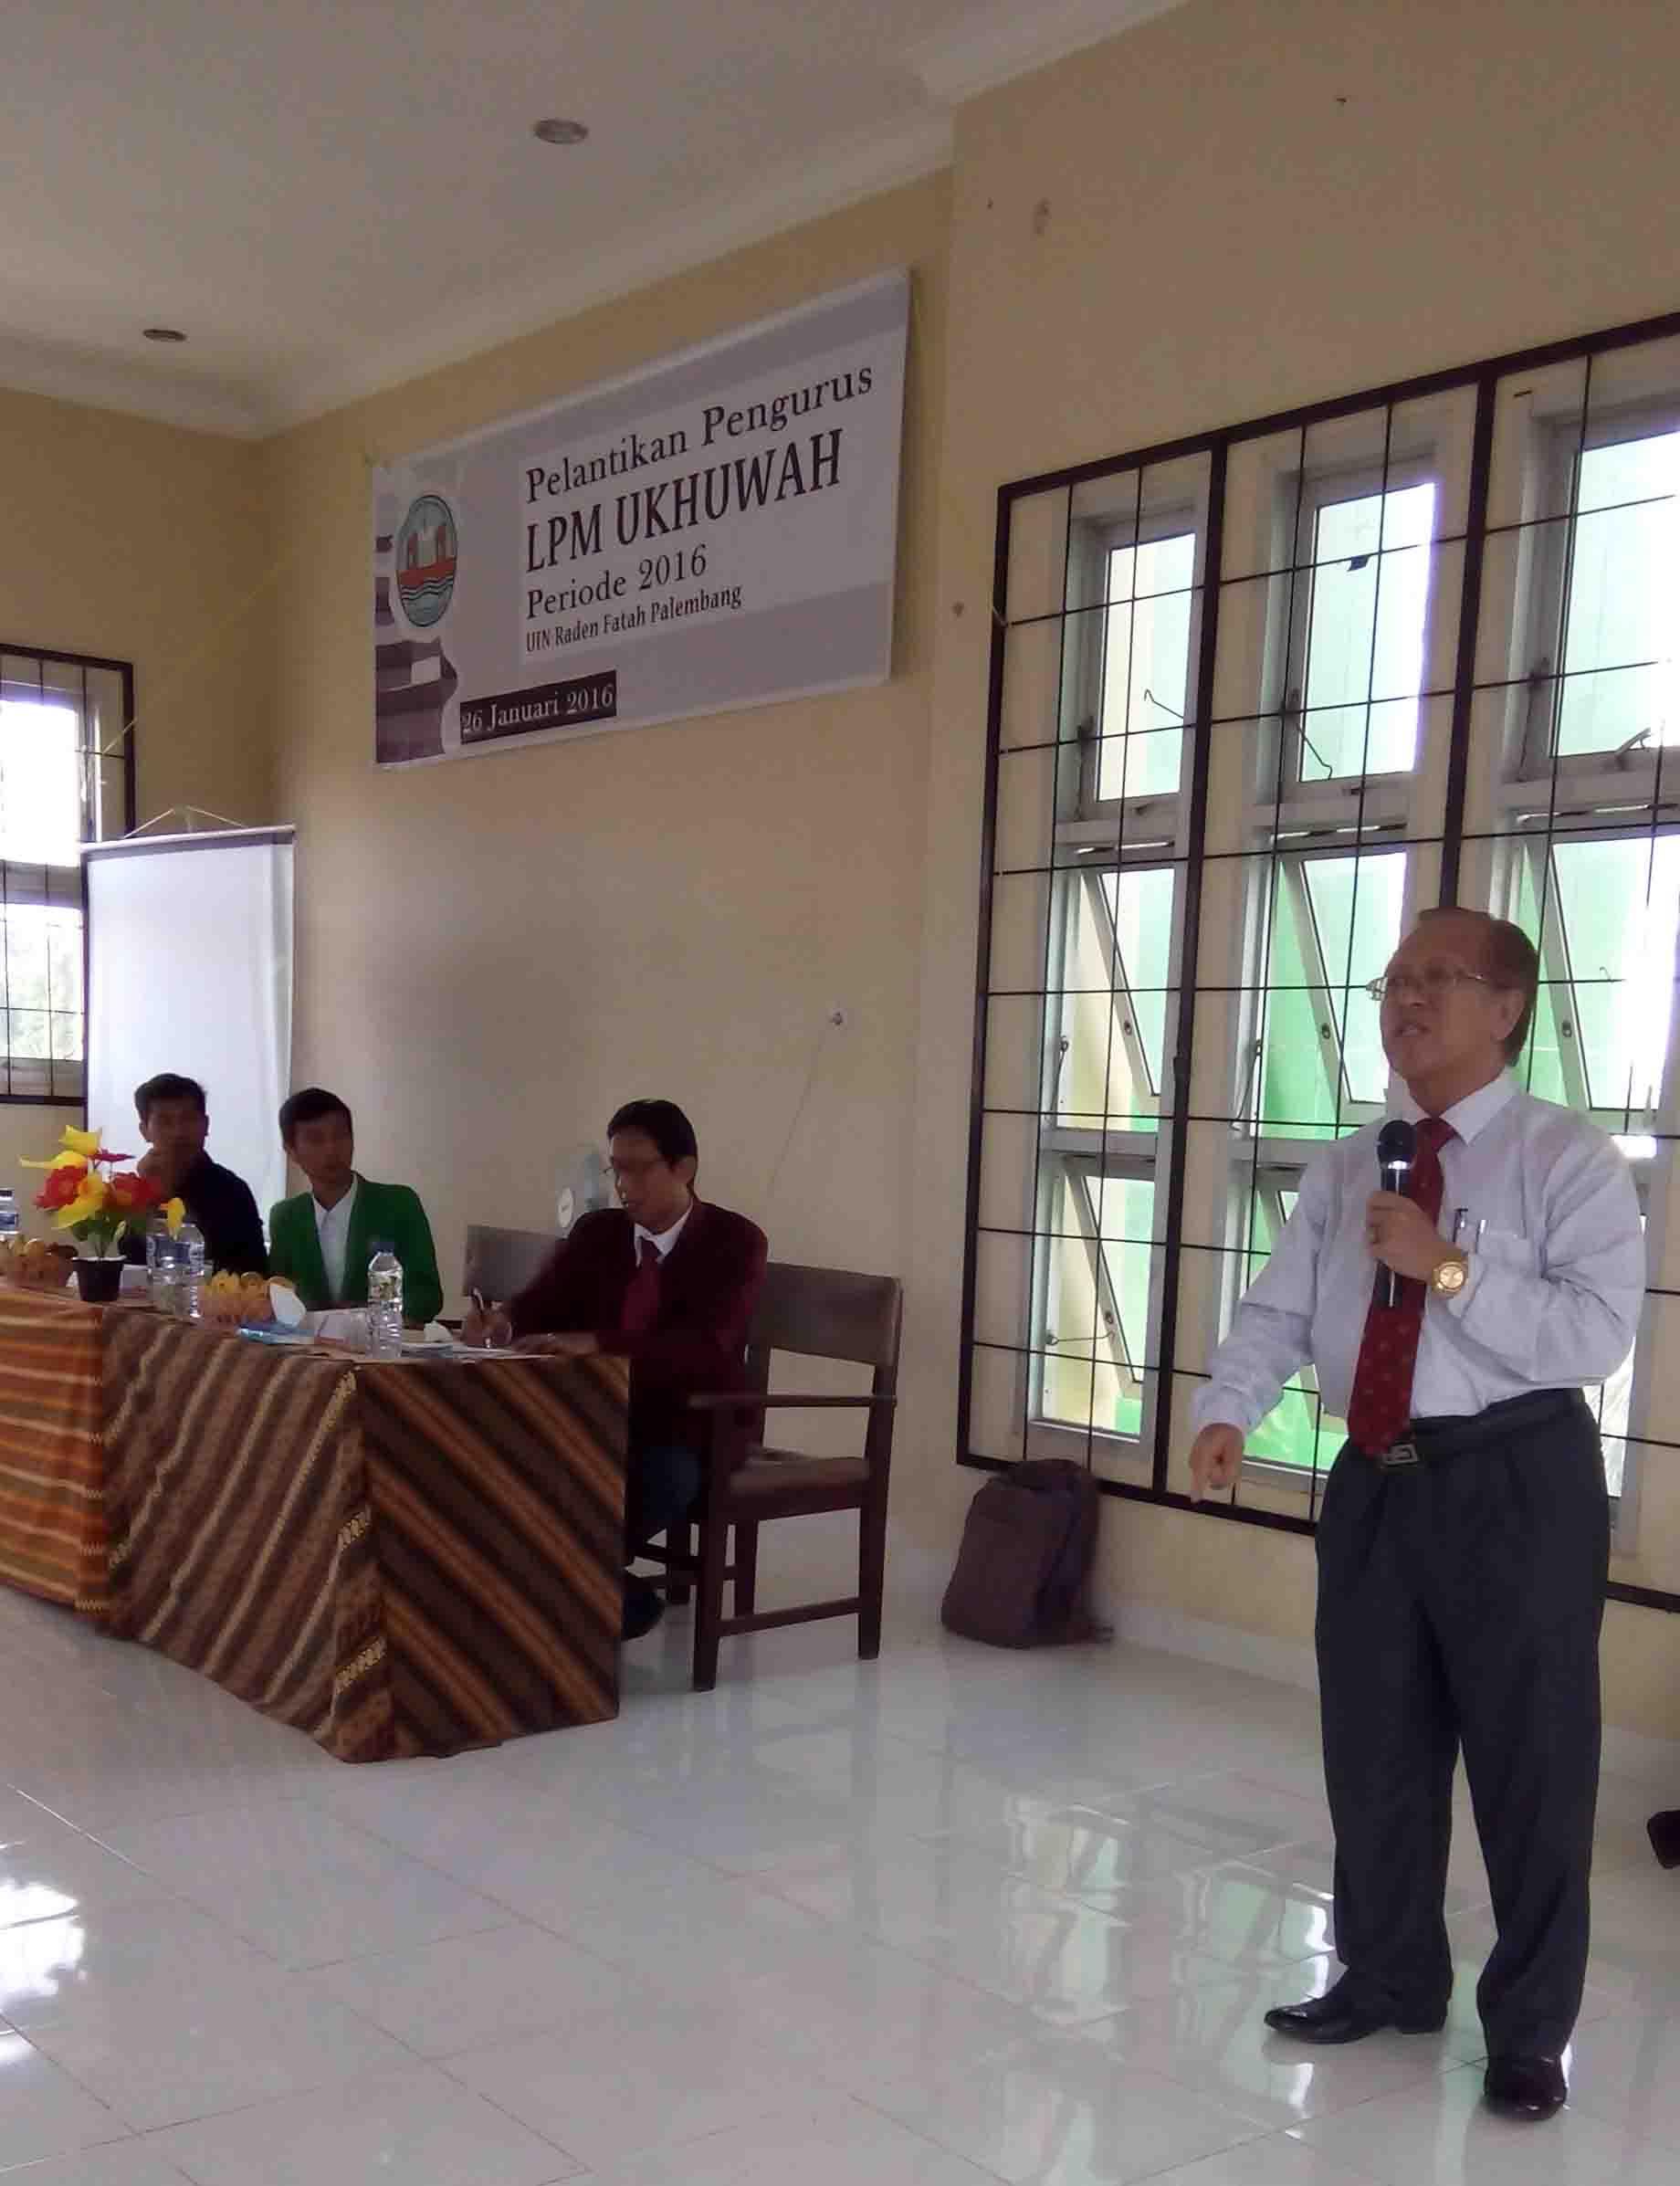 Rektor UIN Raden Fatah sedang memberikan kata sambutannya pada acara pelantikan LPM Ukhuwah di Gedung Student Center. Selasa (16/1/2016).